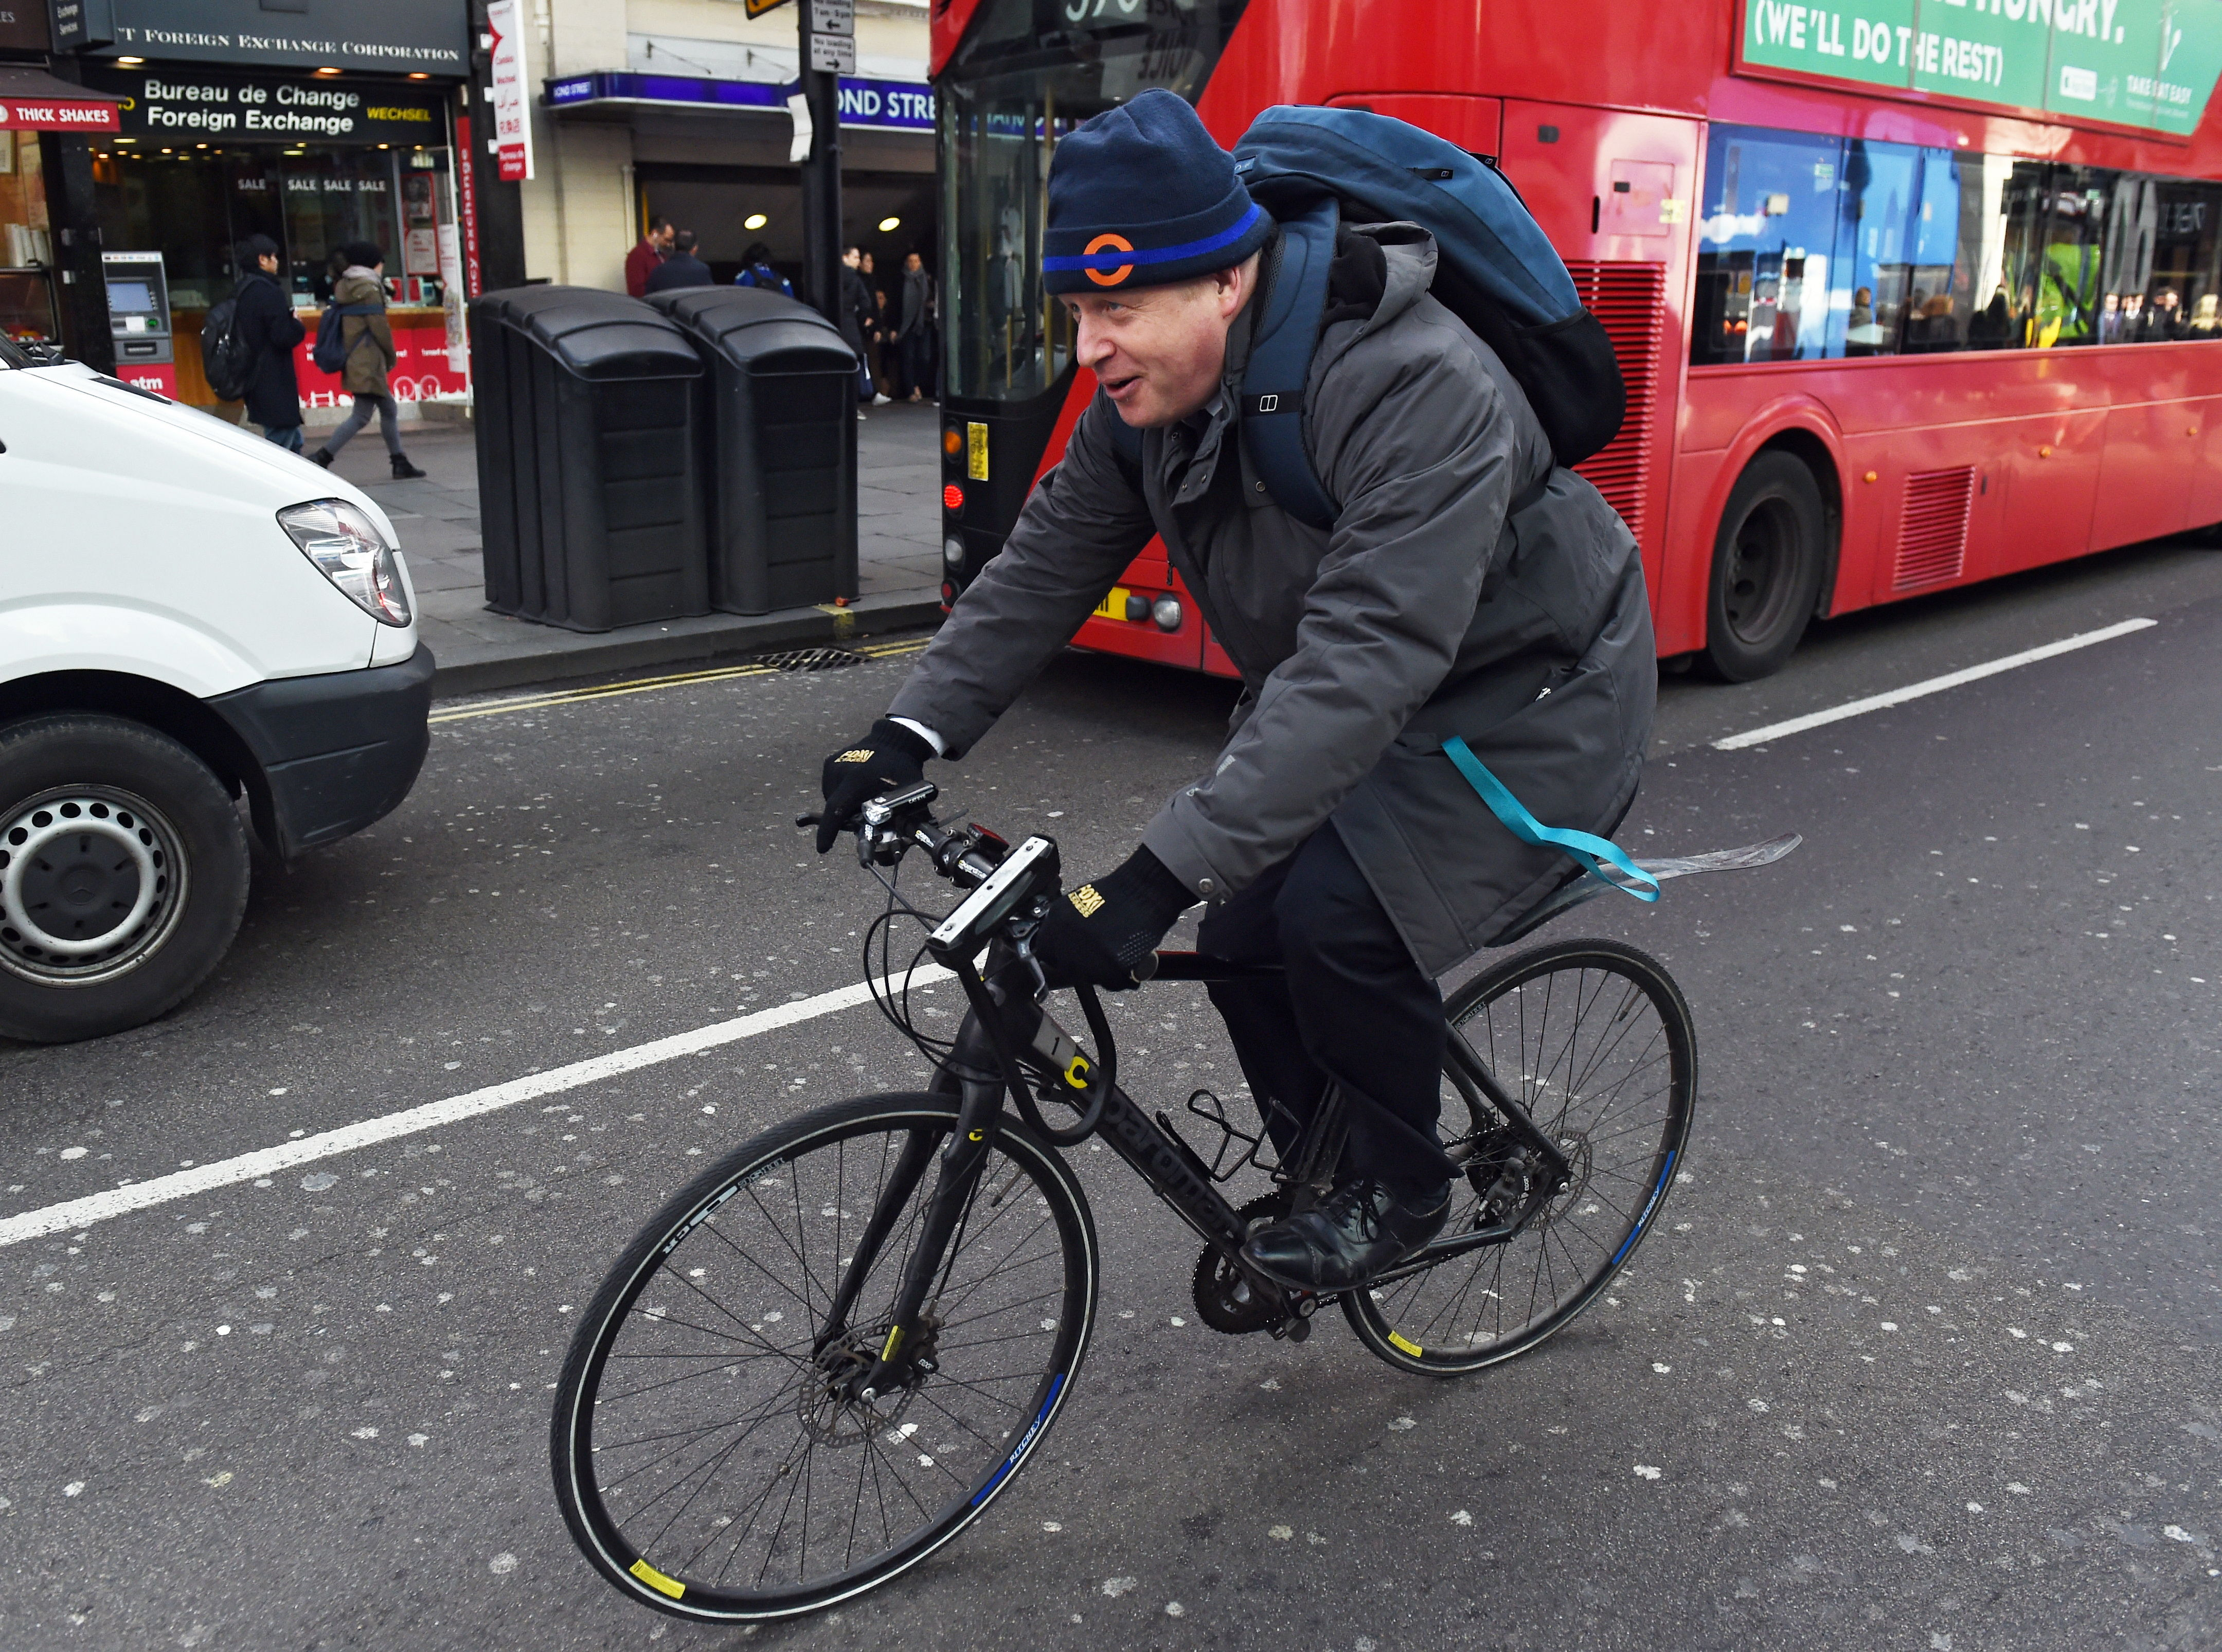 بوریس جانسون در یک پرونده دوچرخه سواری می کند.